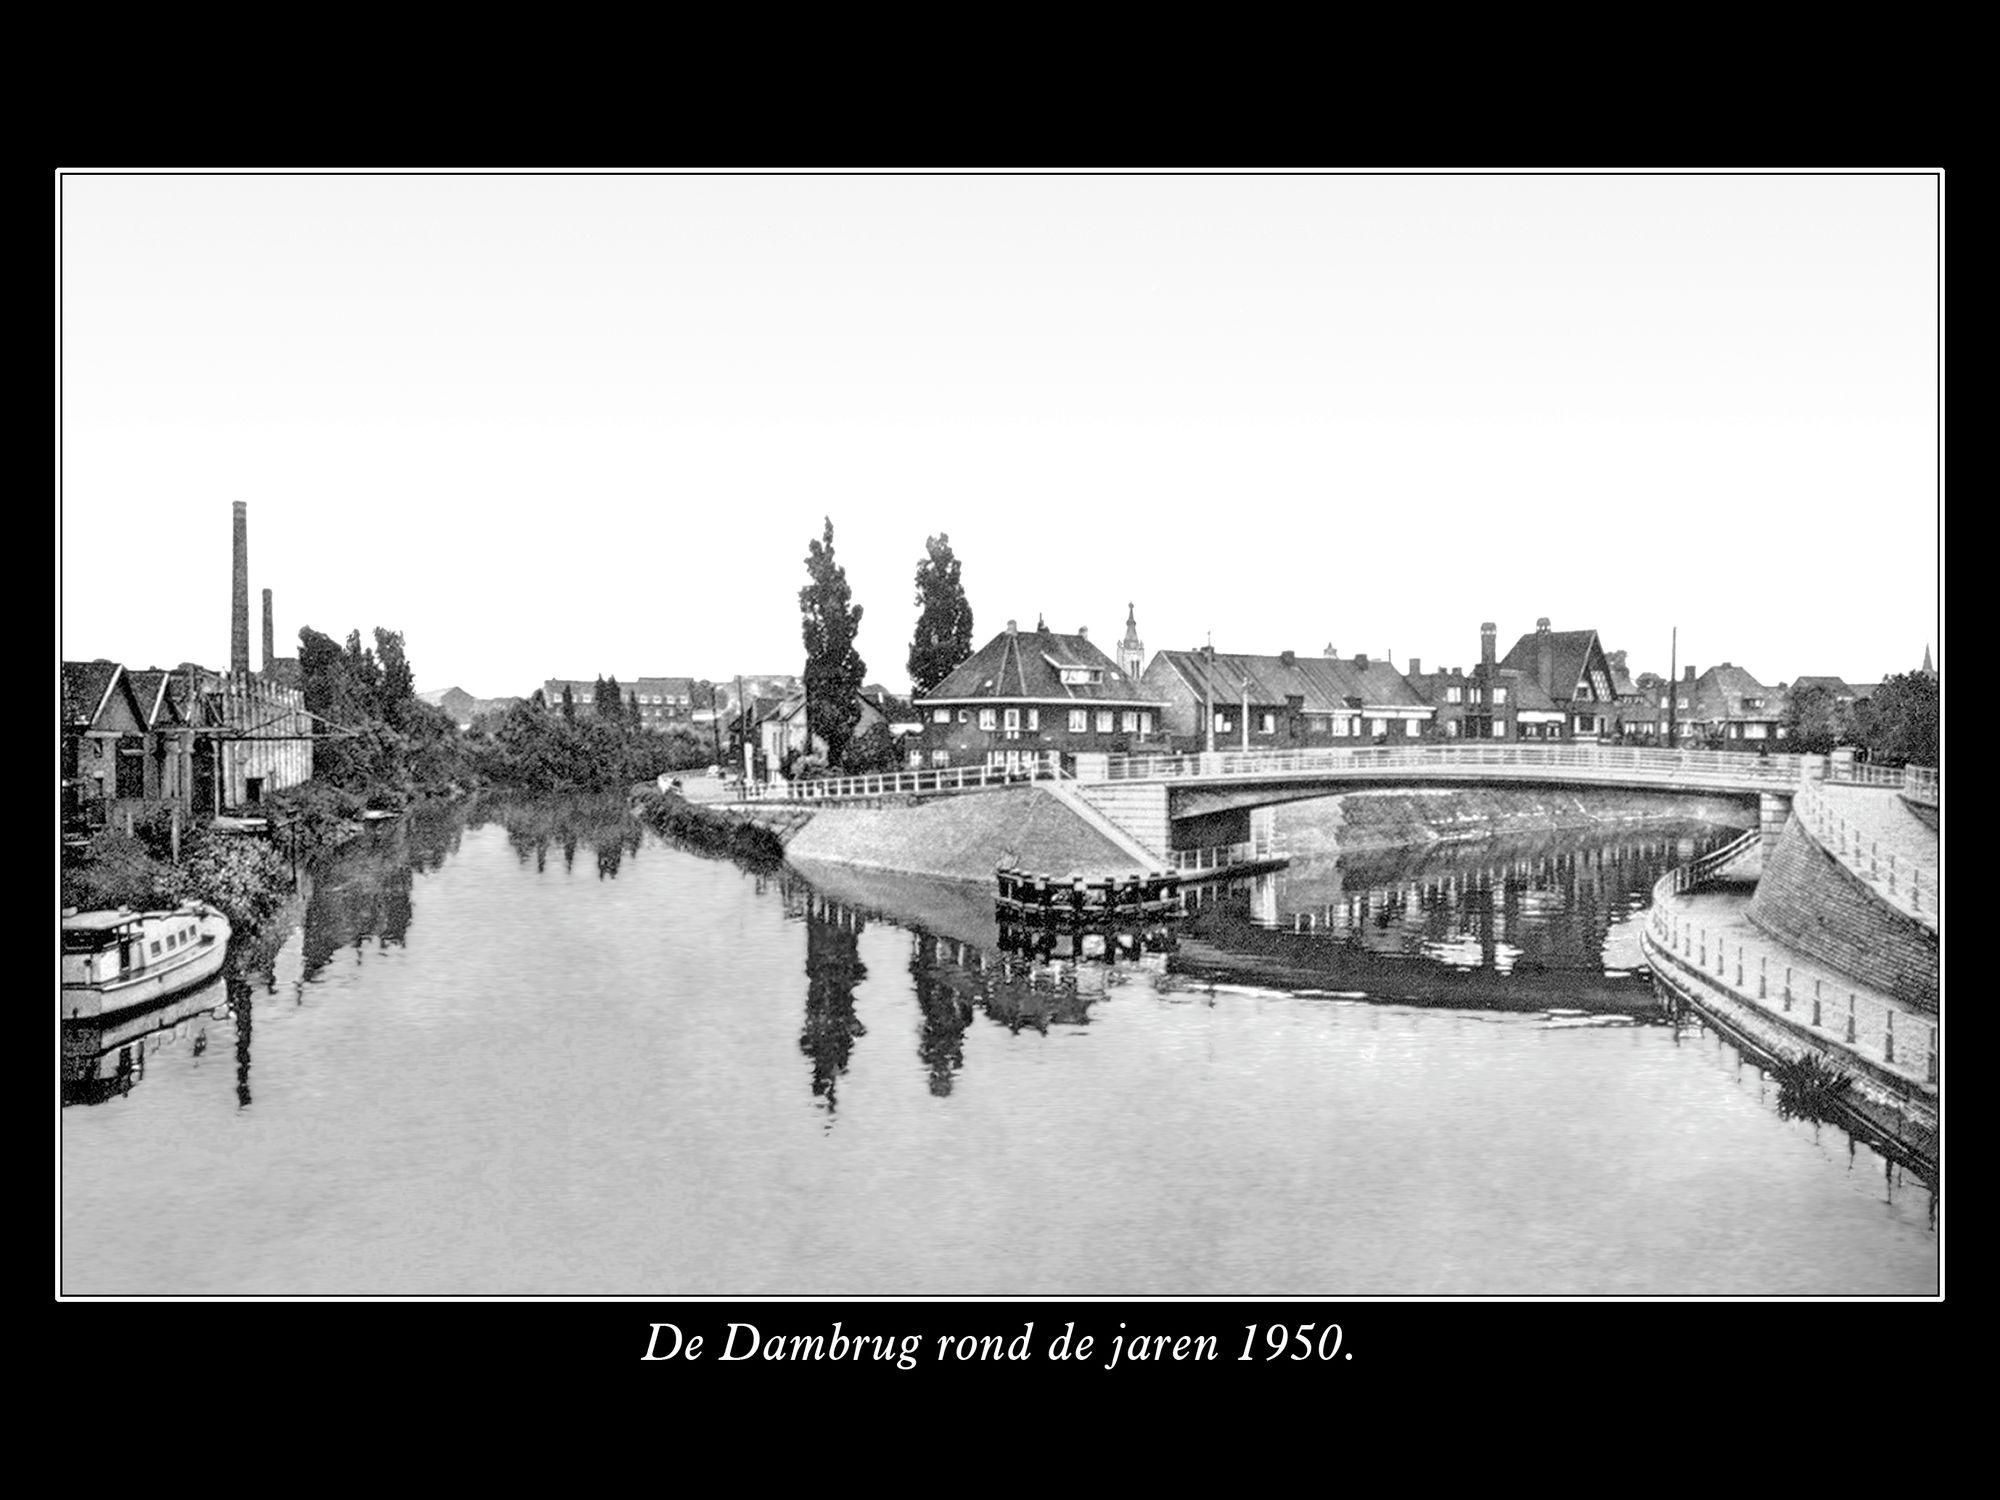 dambrug_1950.jpg